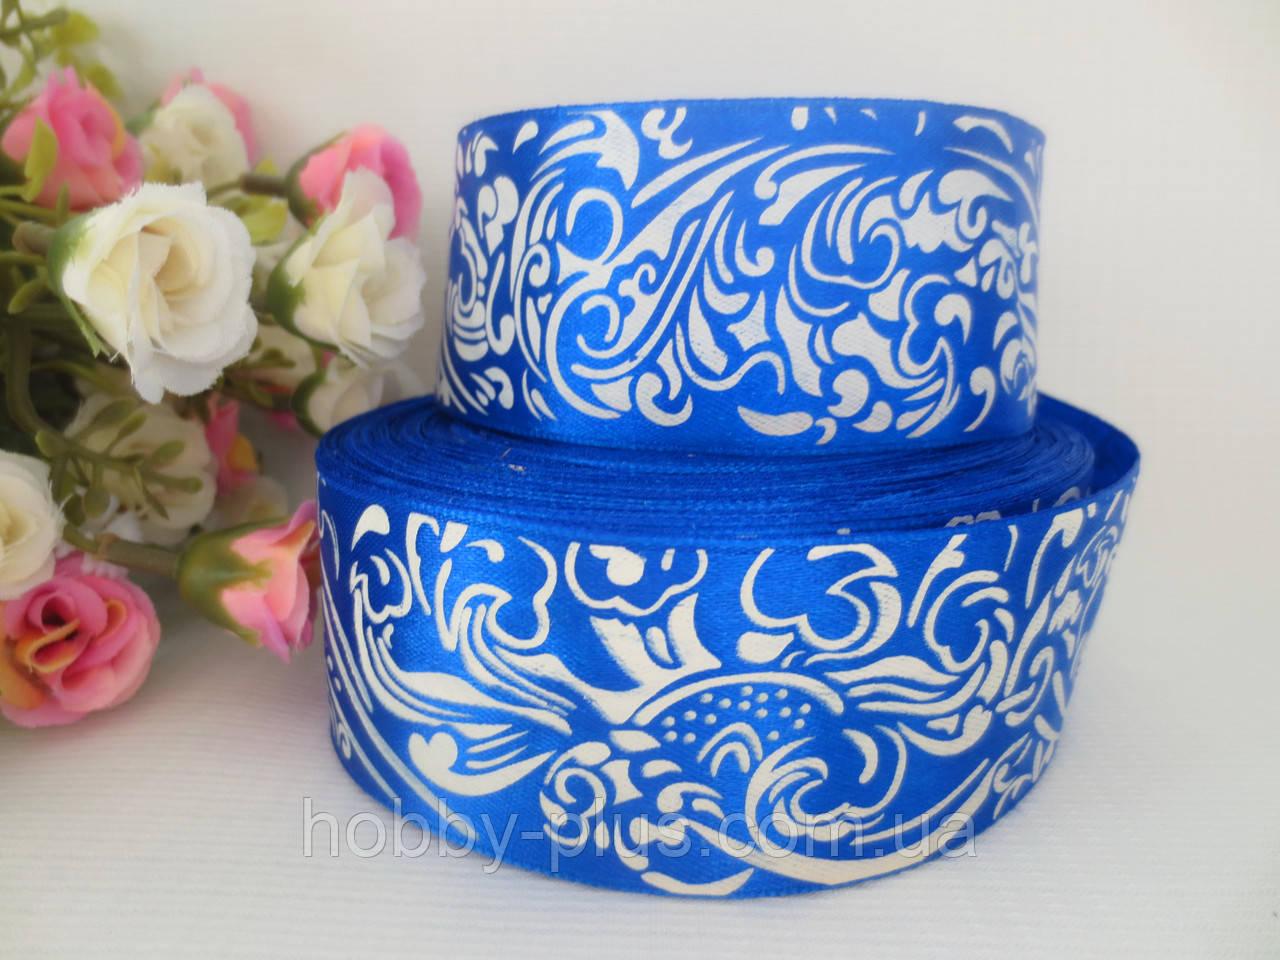 Атласная лента с орнаментом, цвет синий, 4 см.